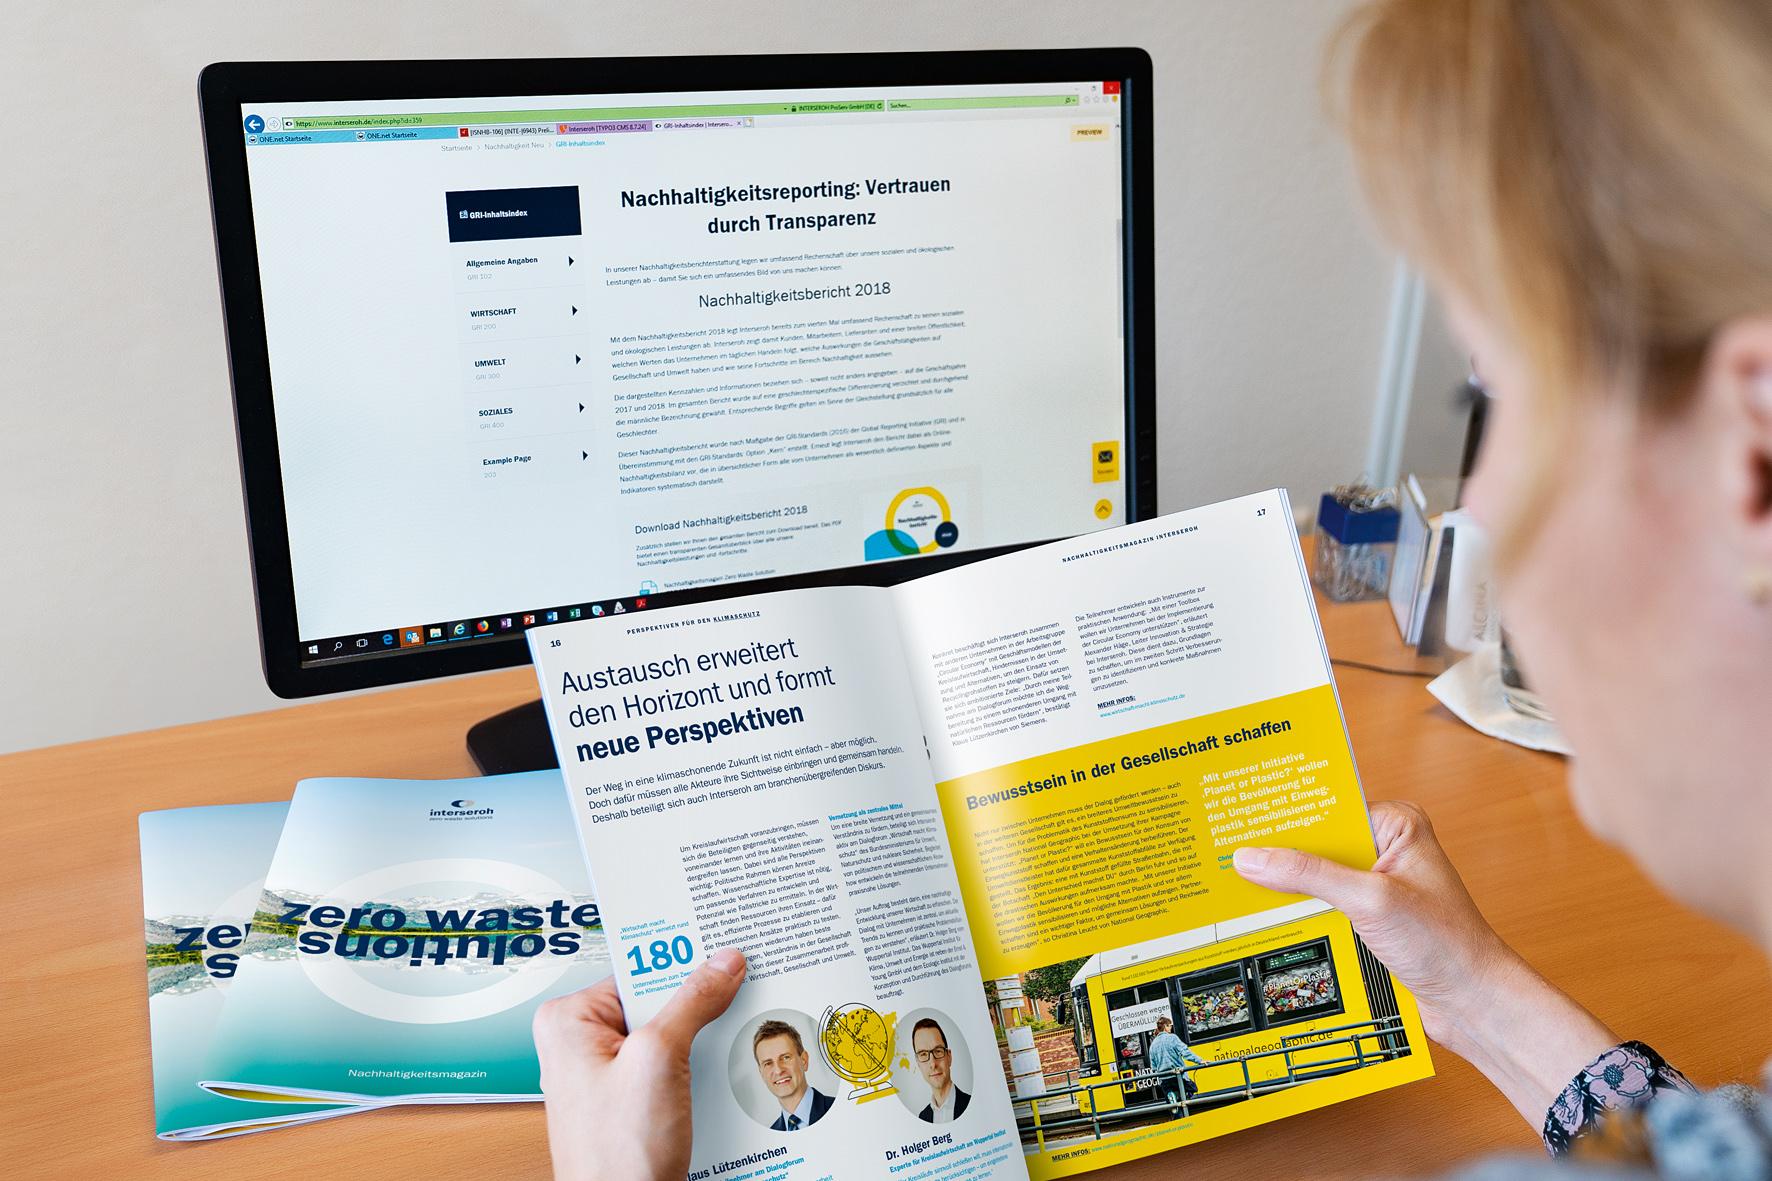 Interseroh legt aktuelle Berichterstattung zum Nachhaltigkeitsengagement vor